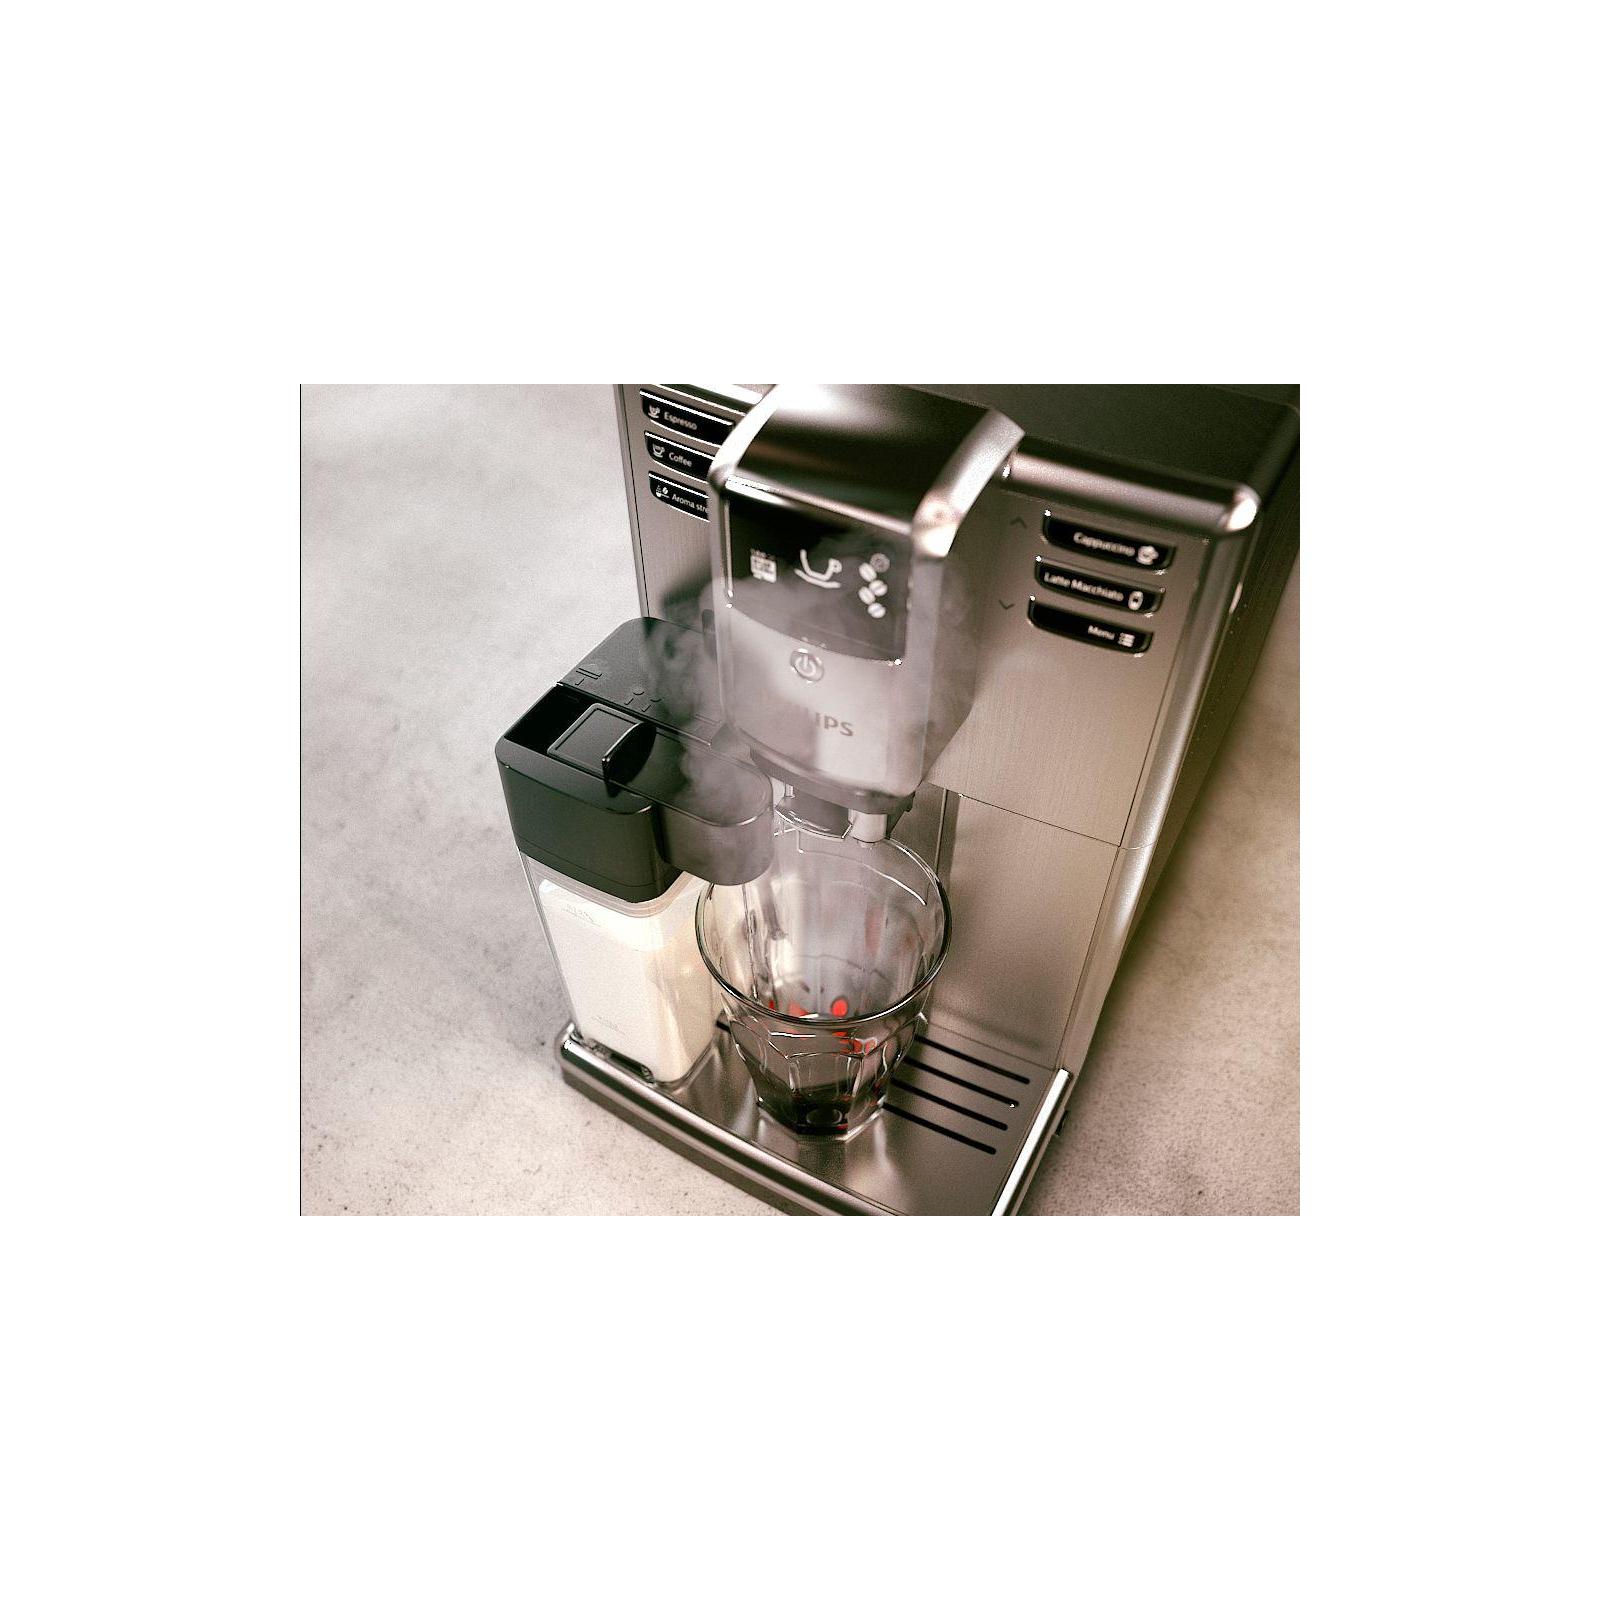 Кофеварка PHILIPS EP5365/10 изображение 12